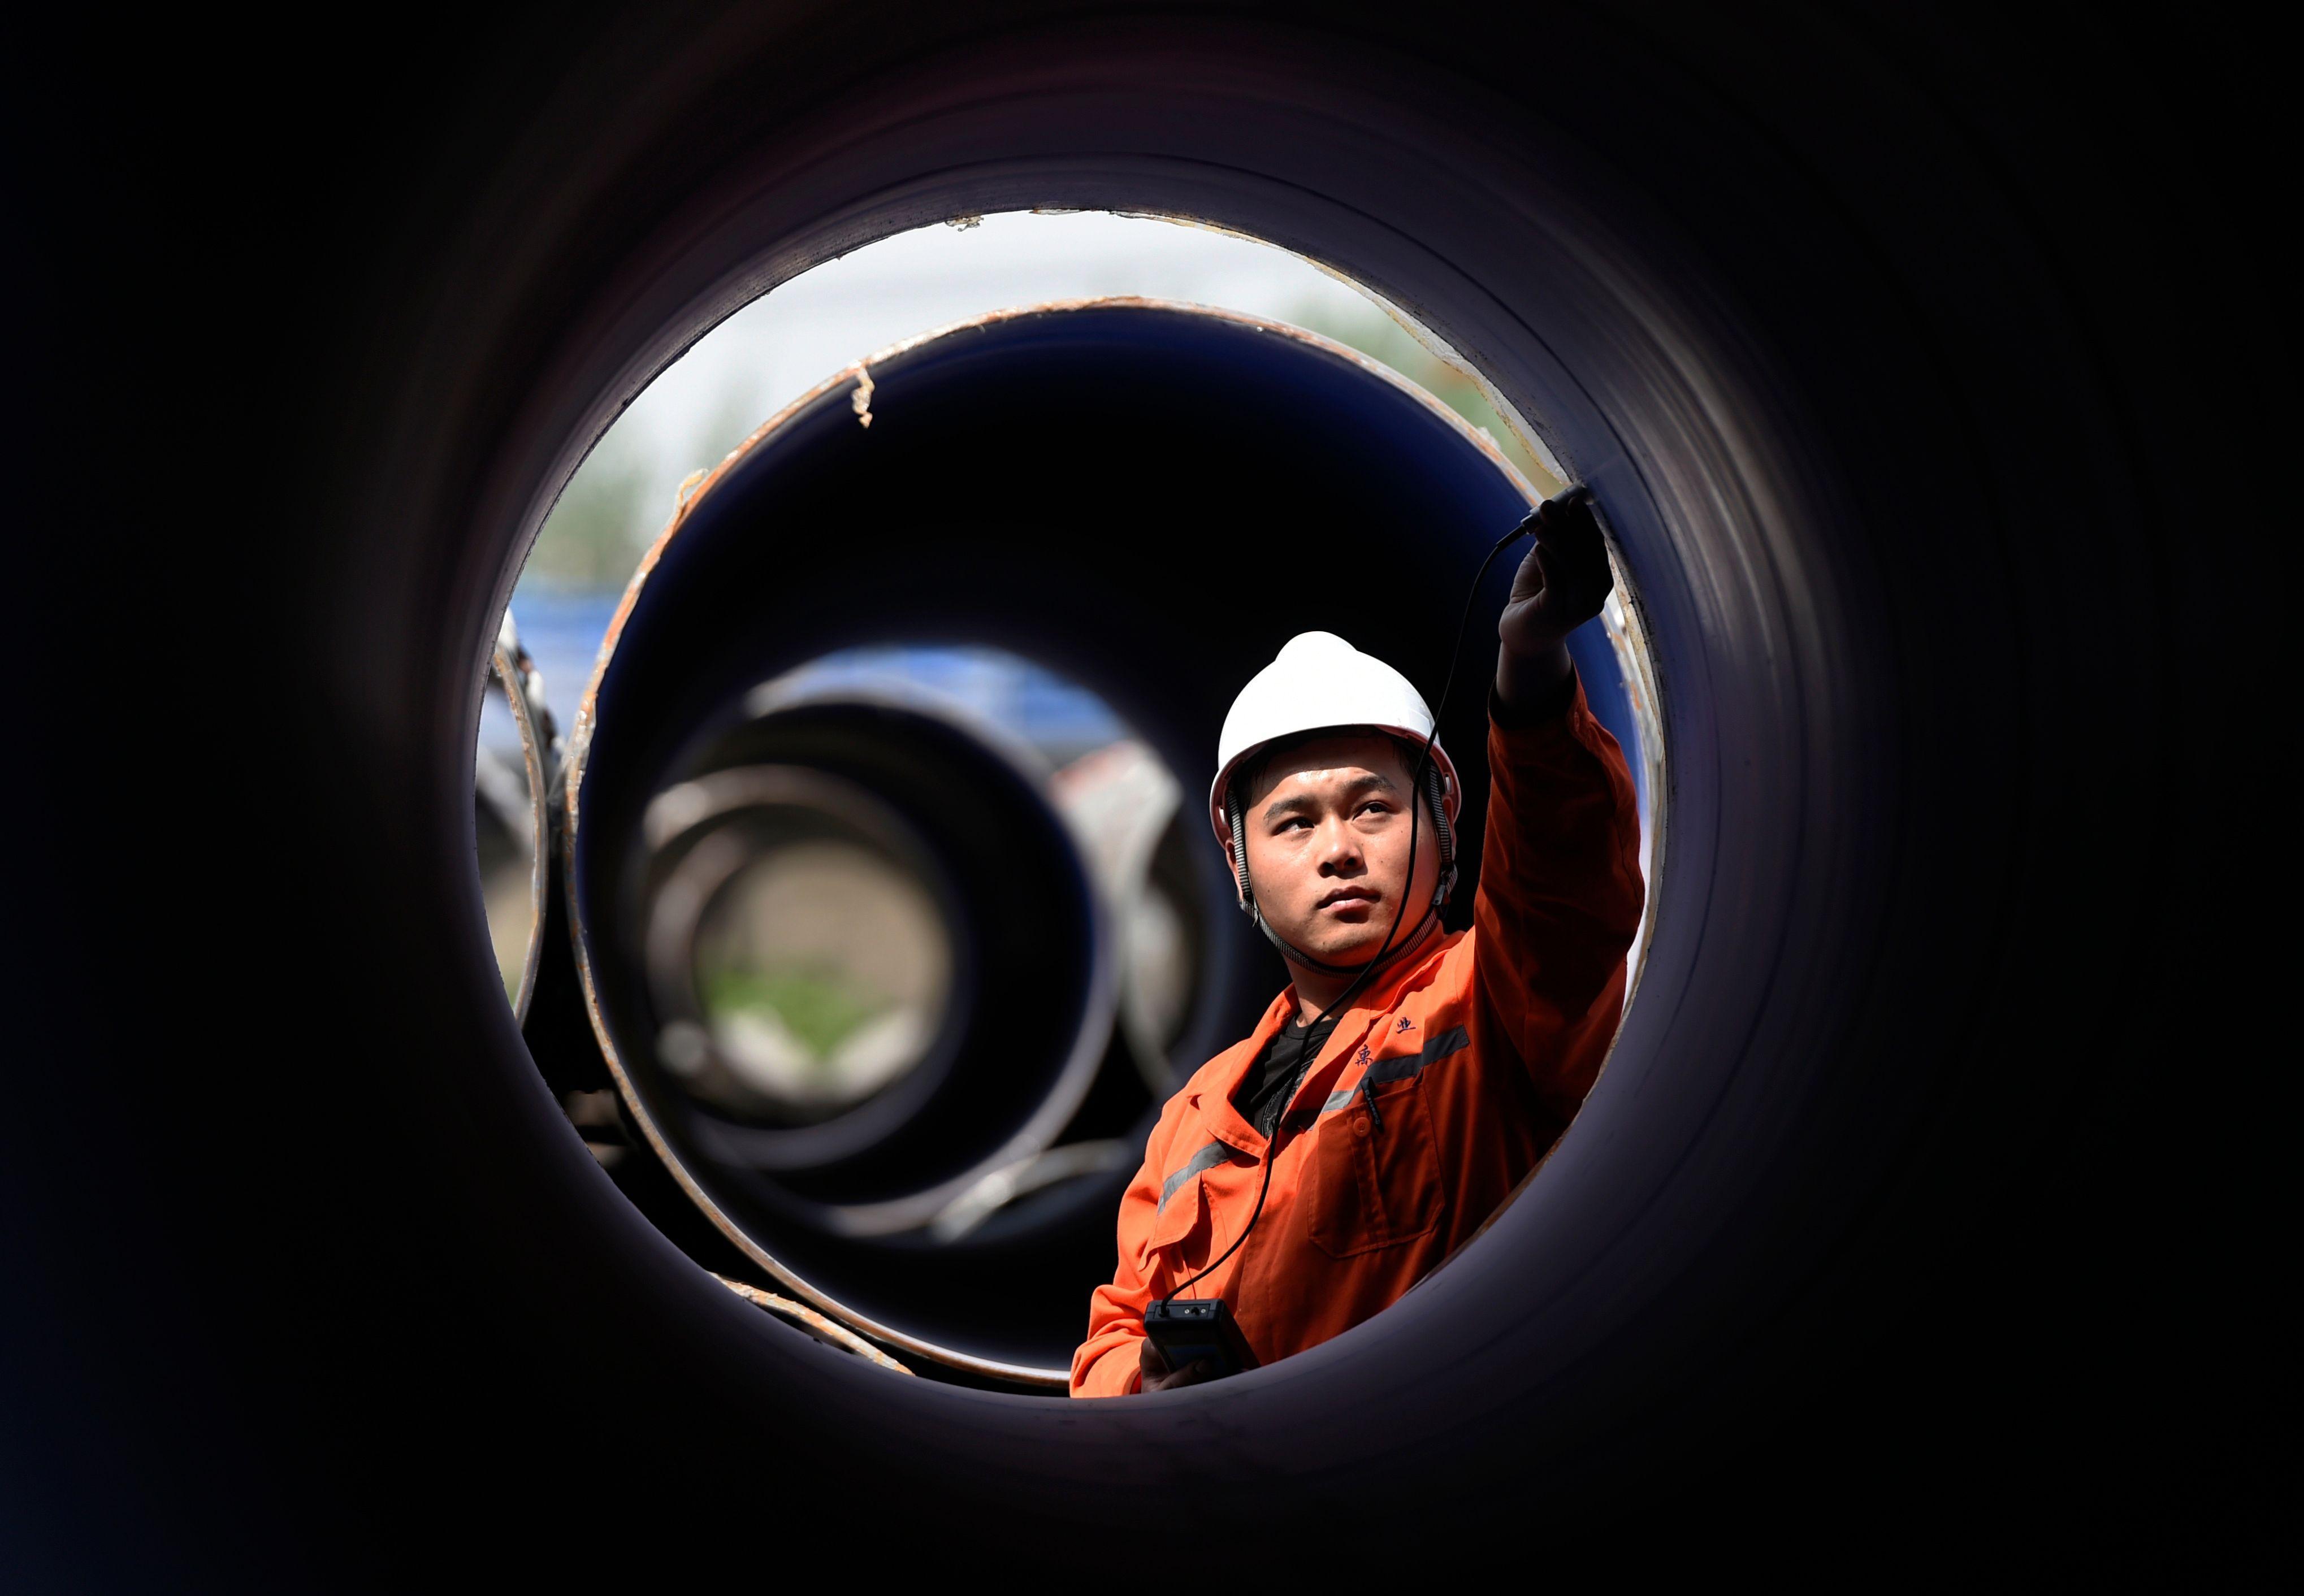 Chinesische Firmen überwachen Gehirnaktivitäten von Arbeitern